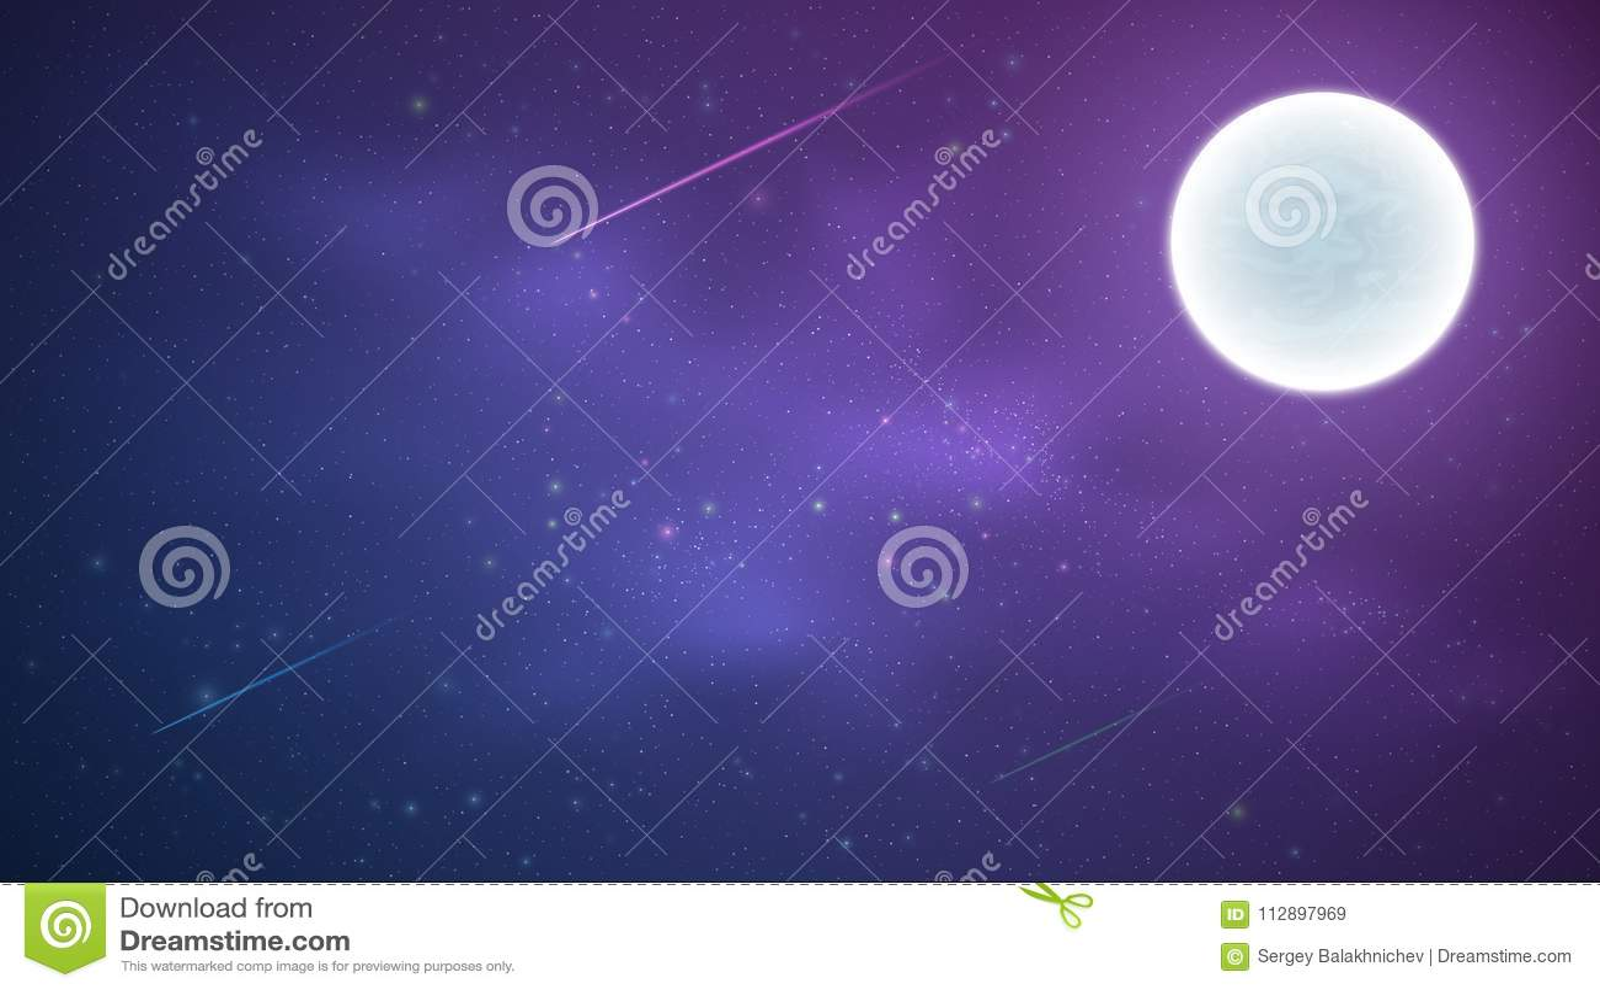 Μαγικός έναστρος ουρανός με έναν φωτεινό μπλε και πορφυρό γαλακτώδη τρόπο Αστέρια πυροβολισμού παγόδα της Myanmar πανσελήνων shwe